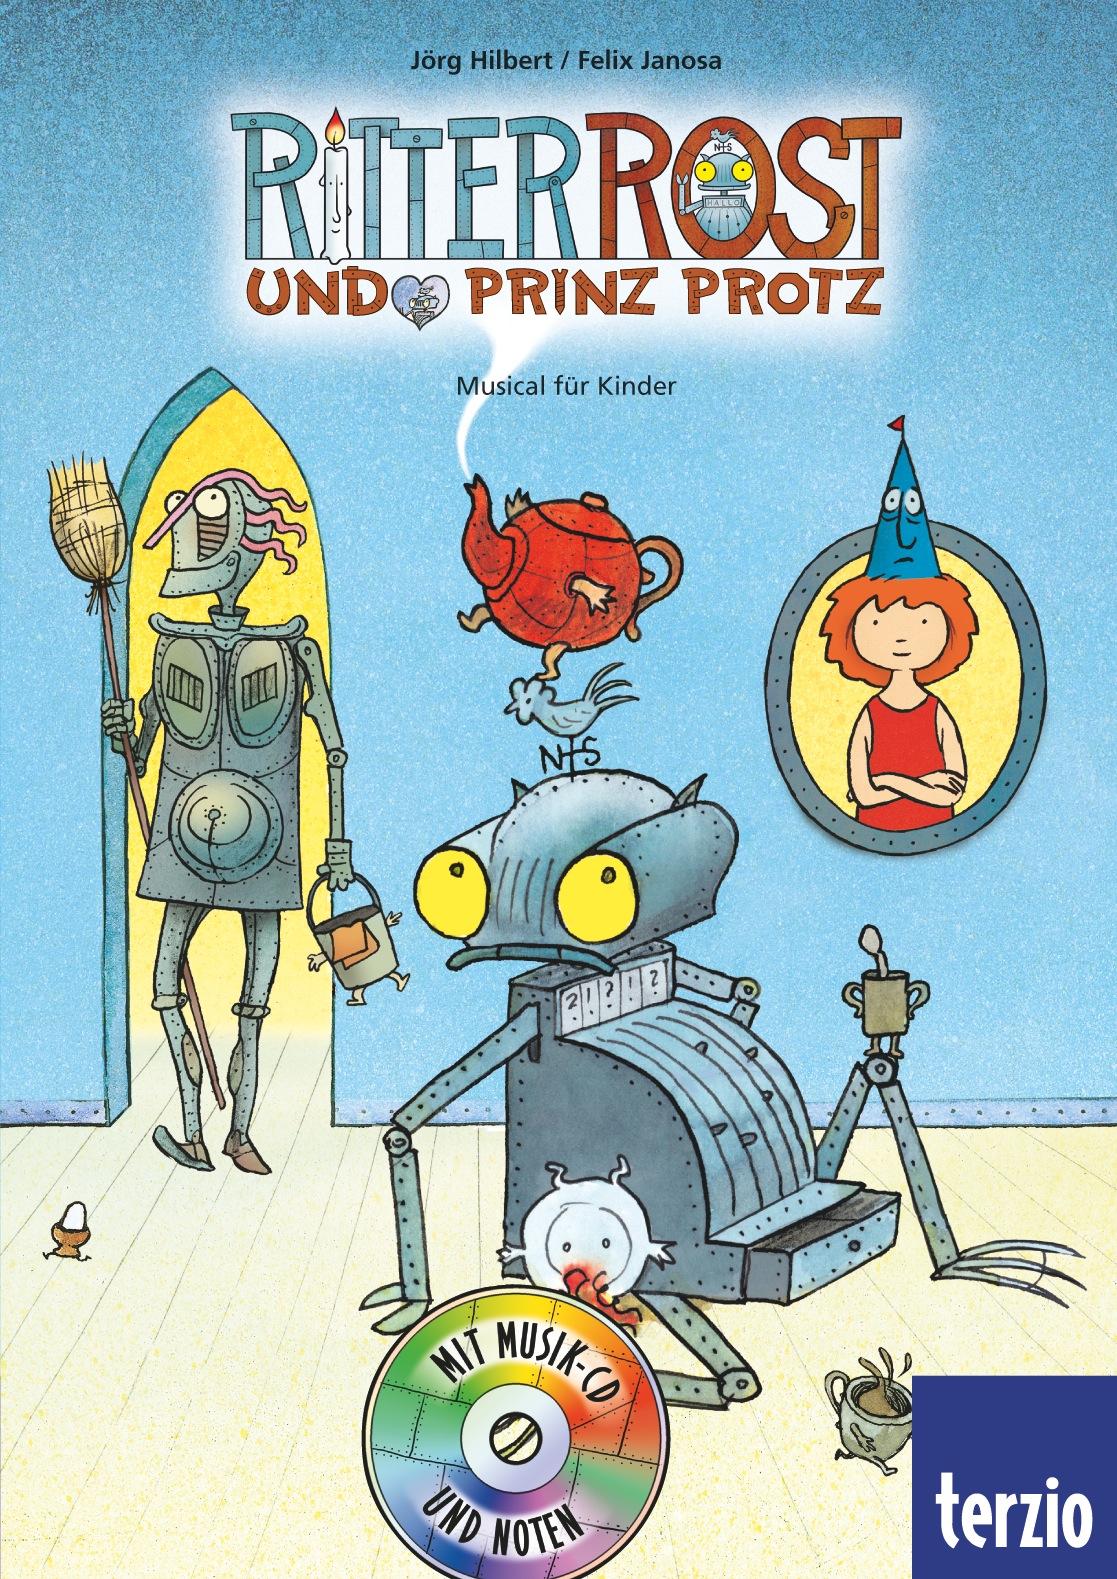 Ritter Rost Musicalbuch, Band 4: Ritter Rost und Prinz Protz: Buch mit CD: Musical für Kinder 4 - Jörg Hilbert